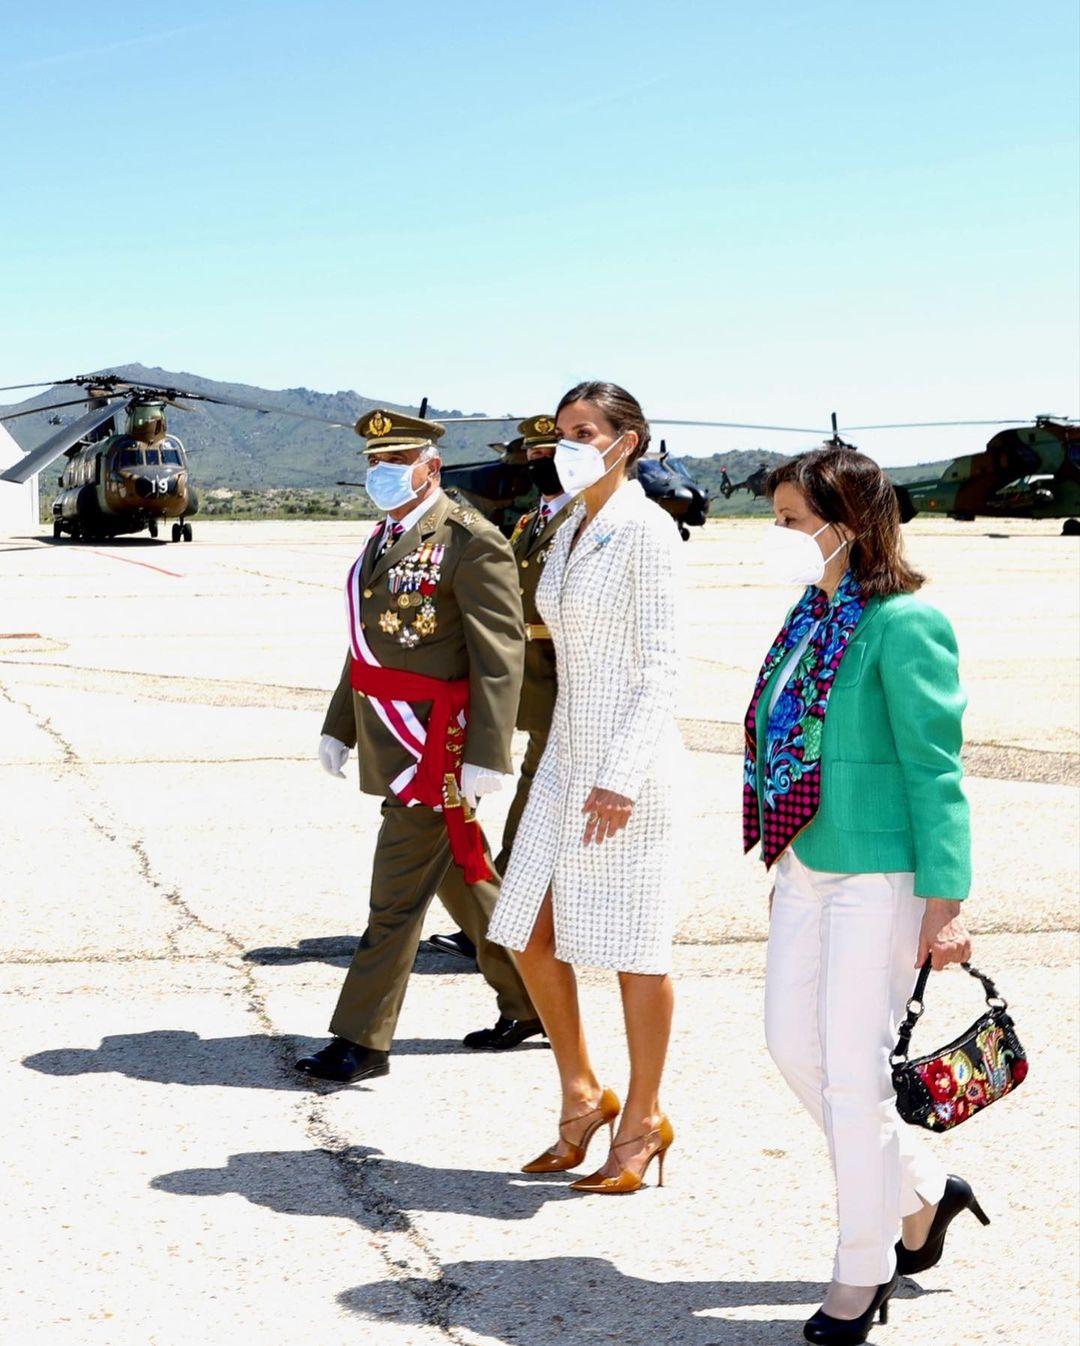 الملكة ليتيزيا في احتفال رسمي بأكاديمية الطيران العسكرية-الصورة من حسابها بأنستغرام